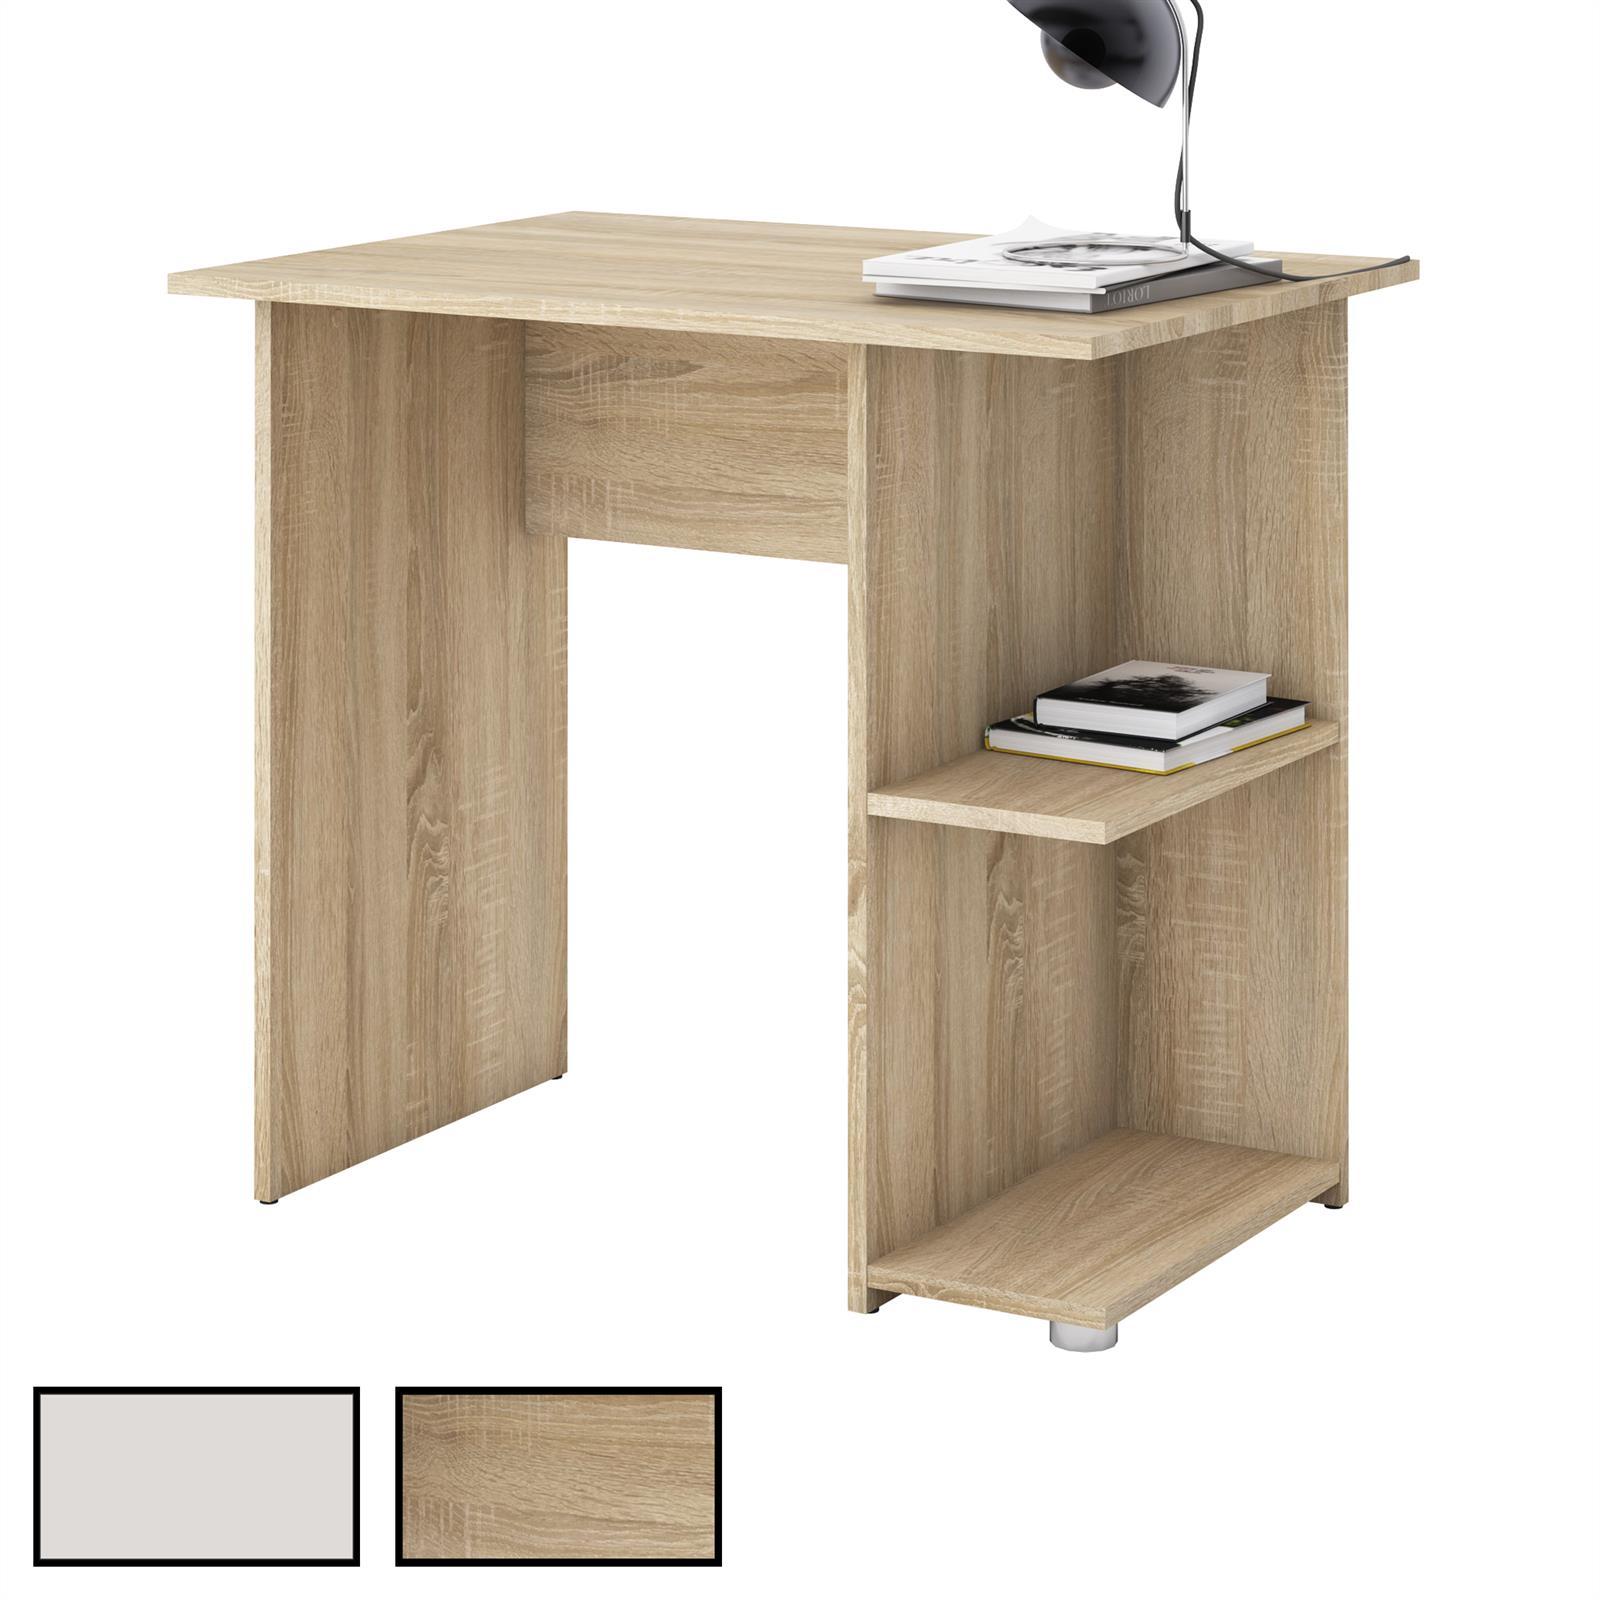 wundersch ne schreibtisch f r kleine zimmer fotos erindzain. Black Bedroom Furniture Sets. Home Design Ideas